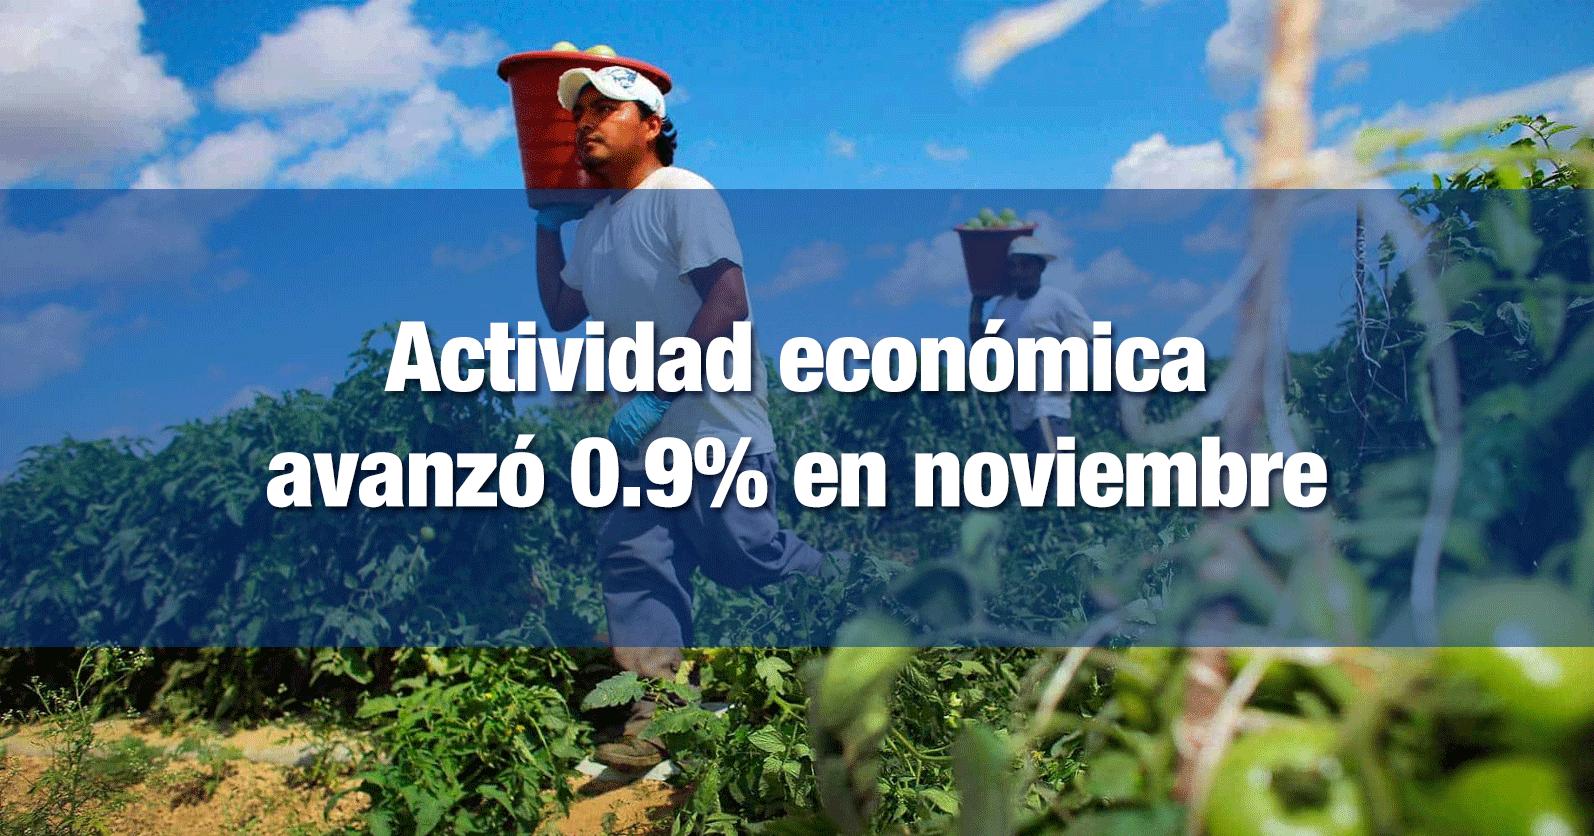 Actividad económica avanzó 0.9% en noviembre